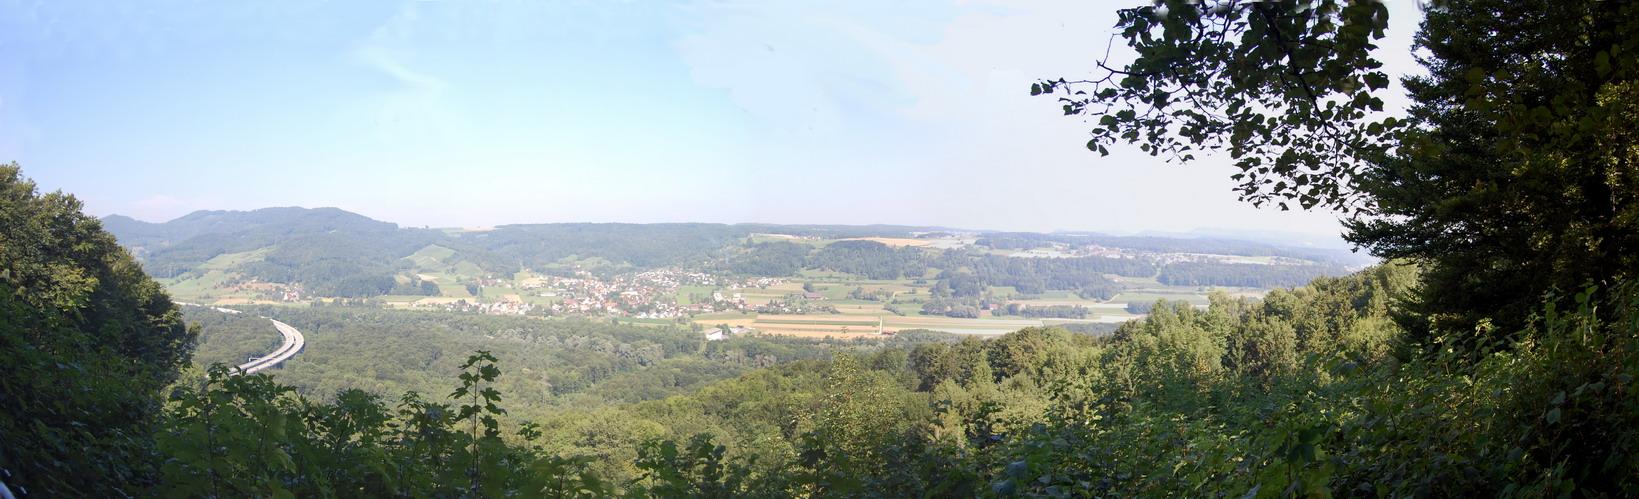 Blick von der Burg Habsburg